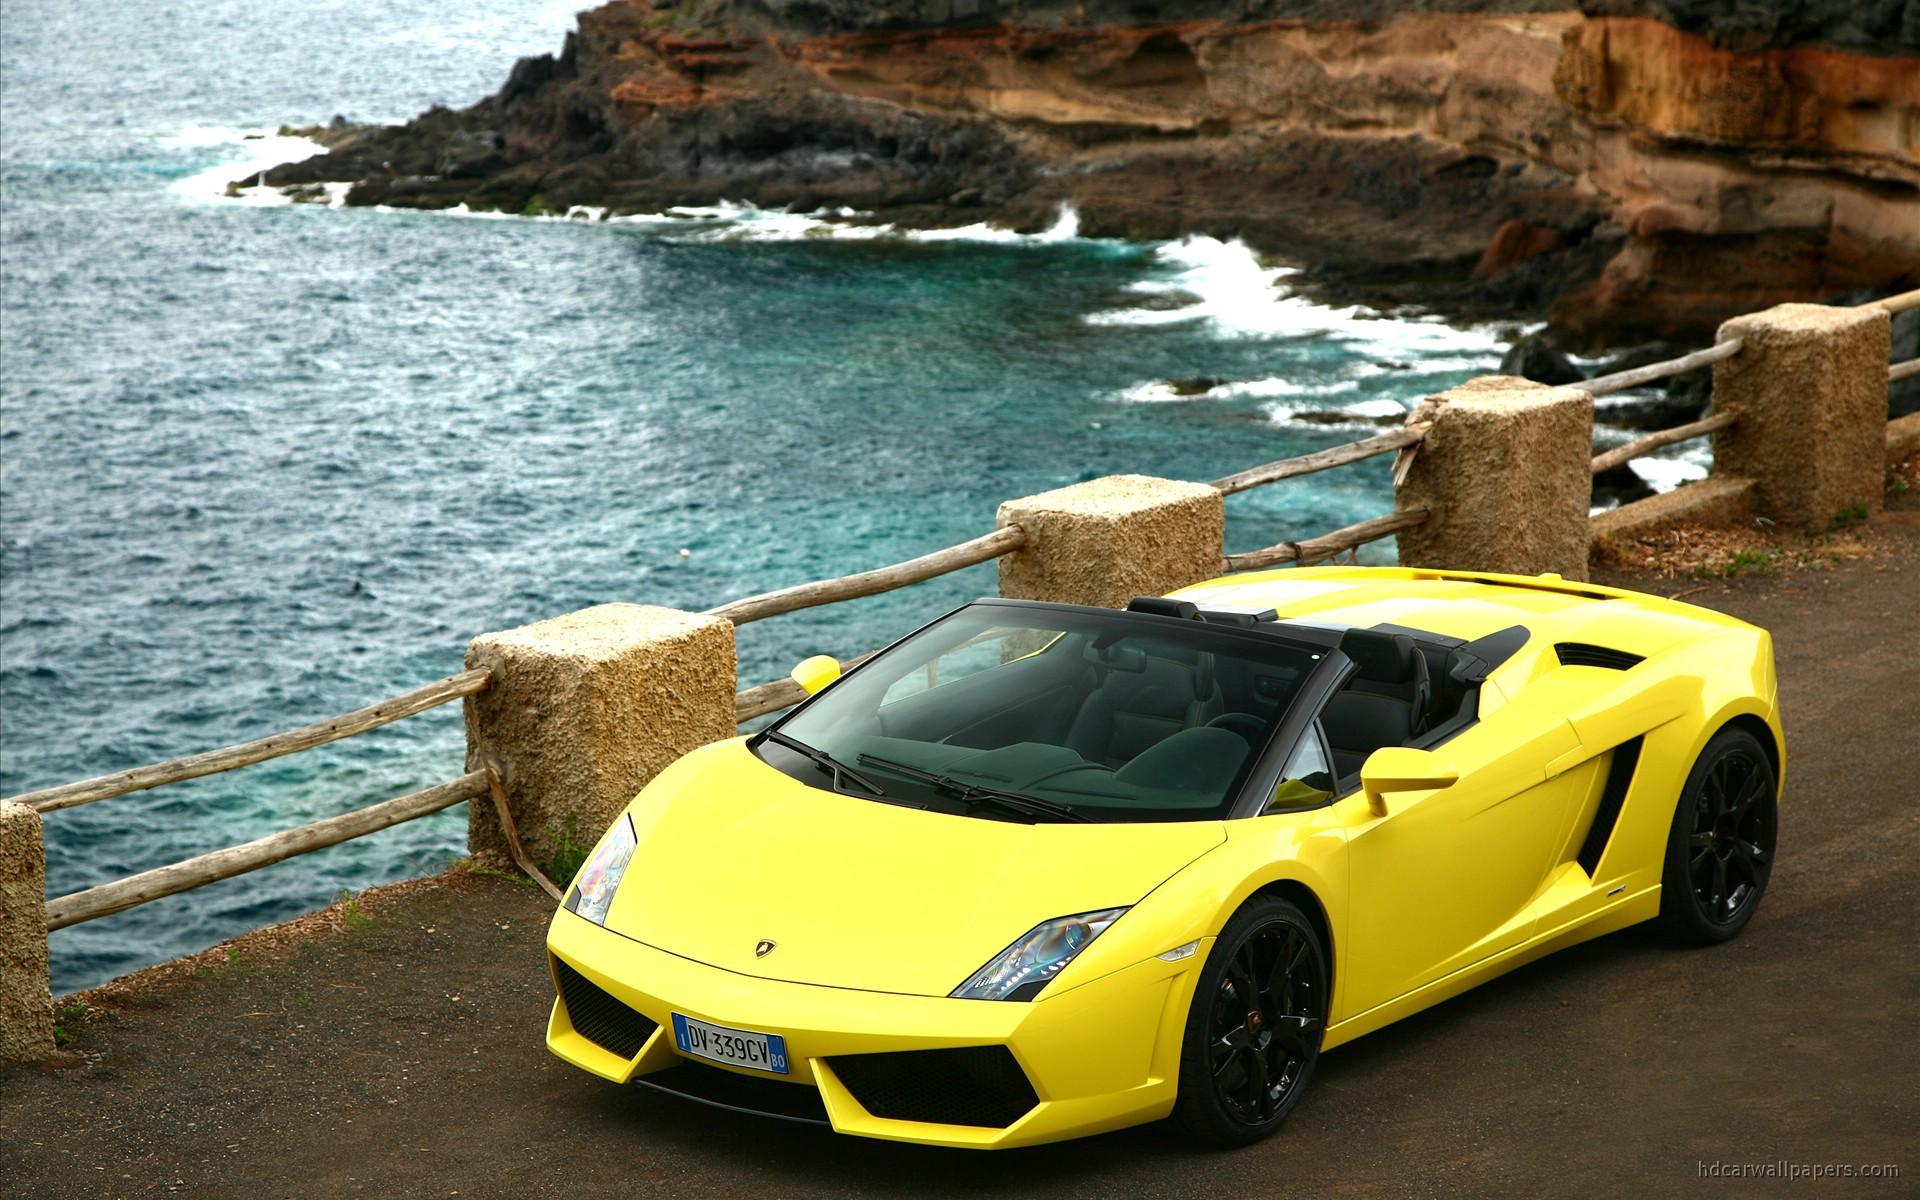 2009 Lamborghini Gallardo Lp560 4 Spyder 2 Wallpaper Hd Car